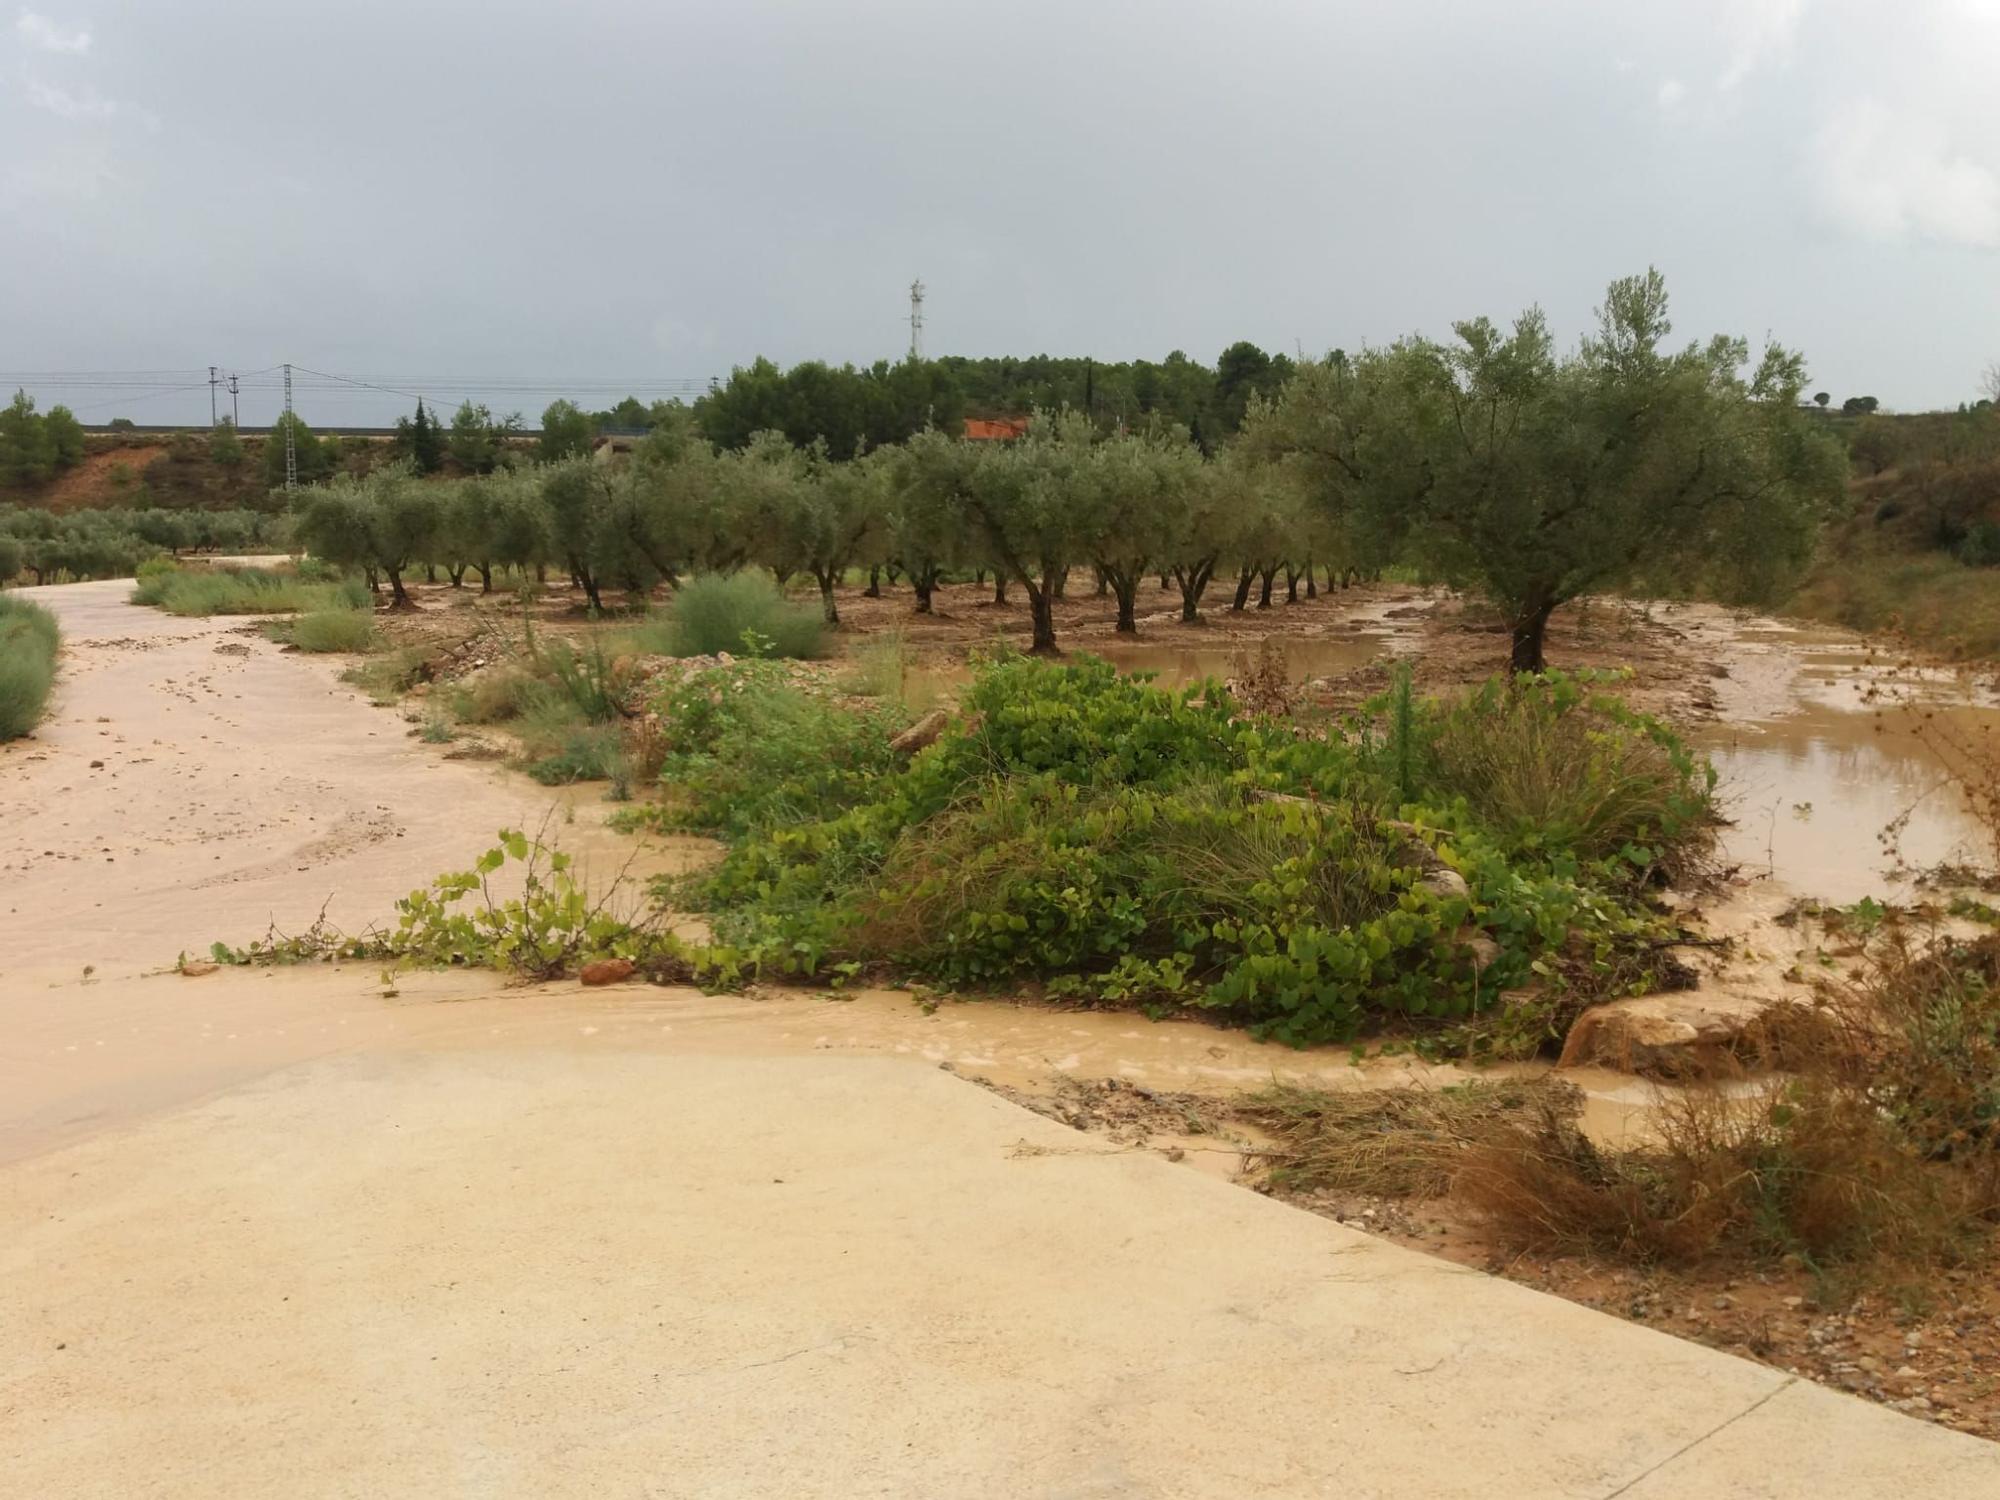 Las lluvias dejan hasta 50 litros por metro cuadrado en la Font de la Figuera